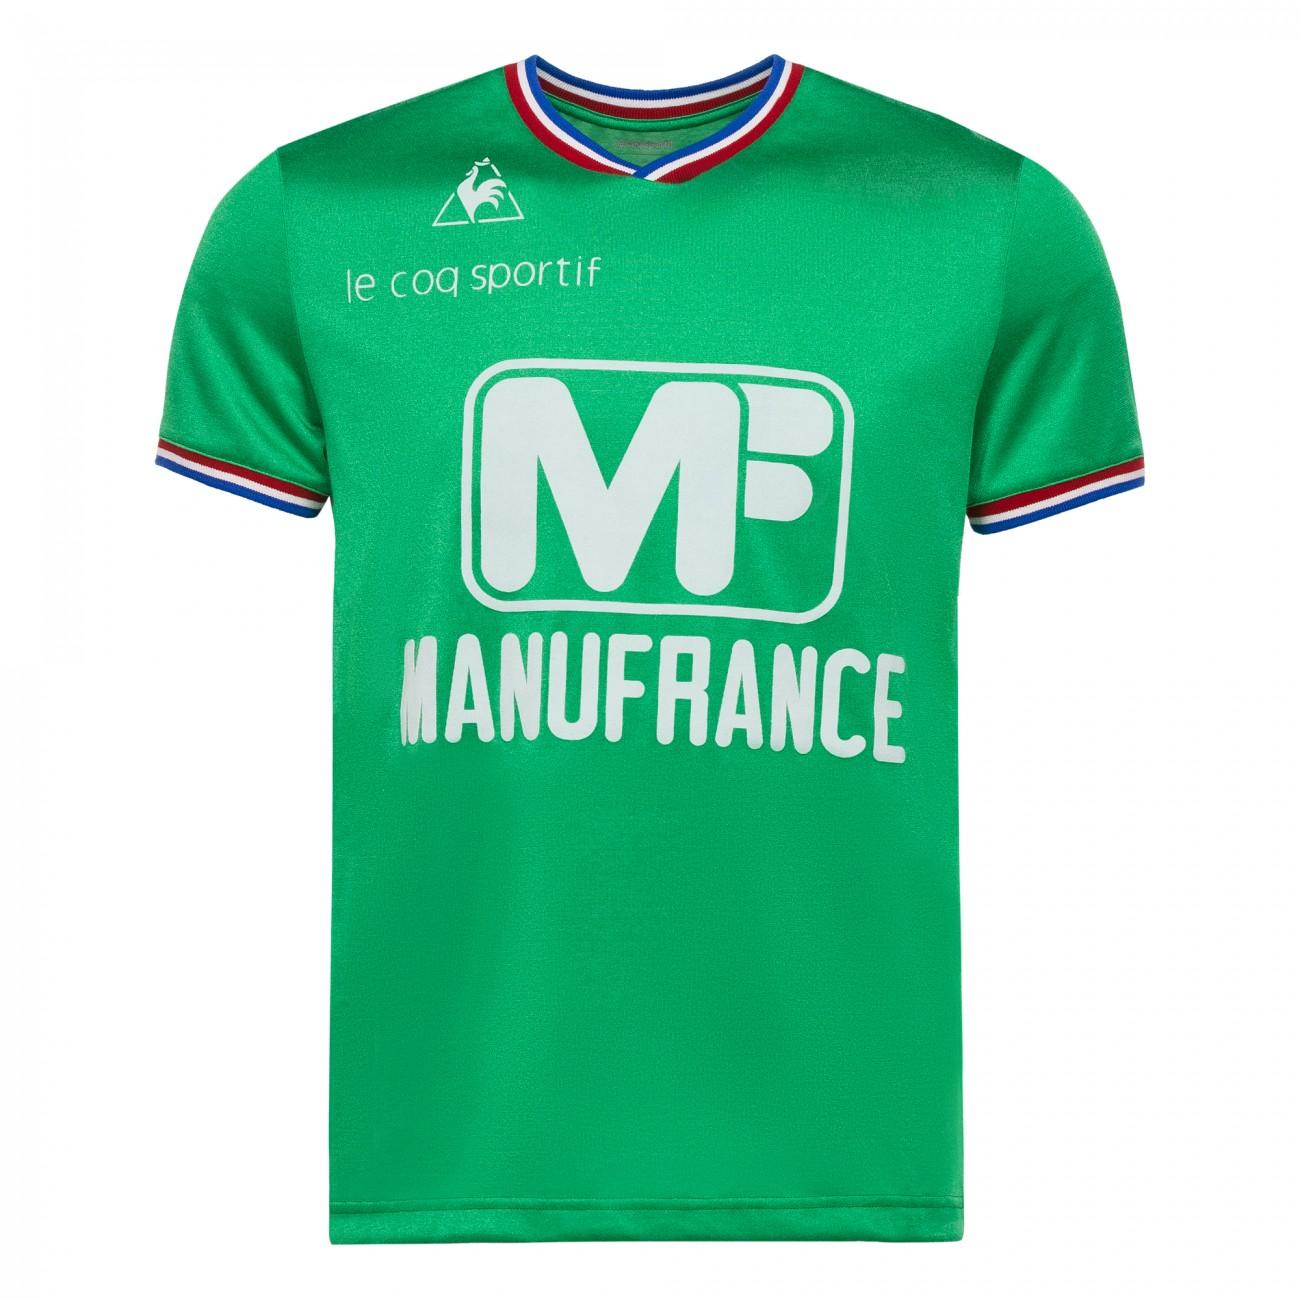 Maillot de foot r tro saint tienne 1975 1976 coupe d 39 europe retrofootball - St etienne coupe d europe ...